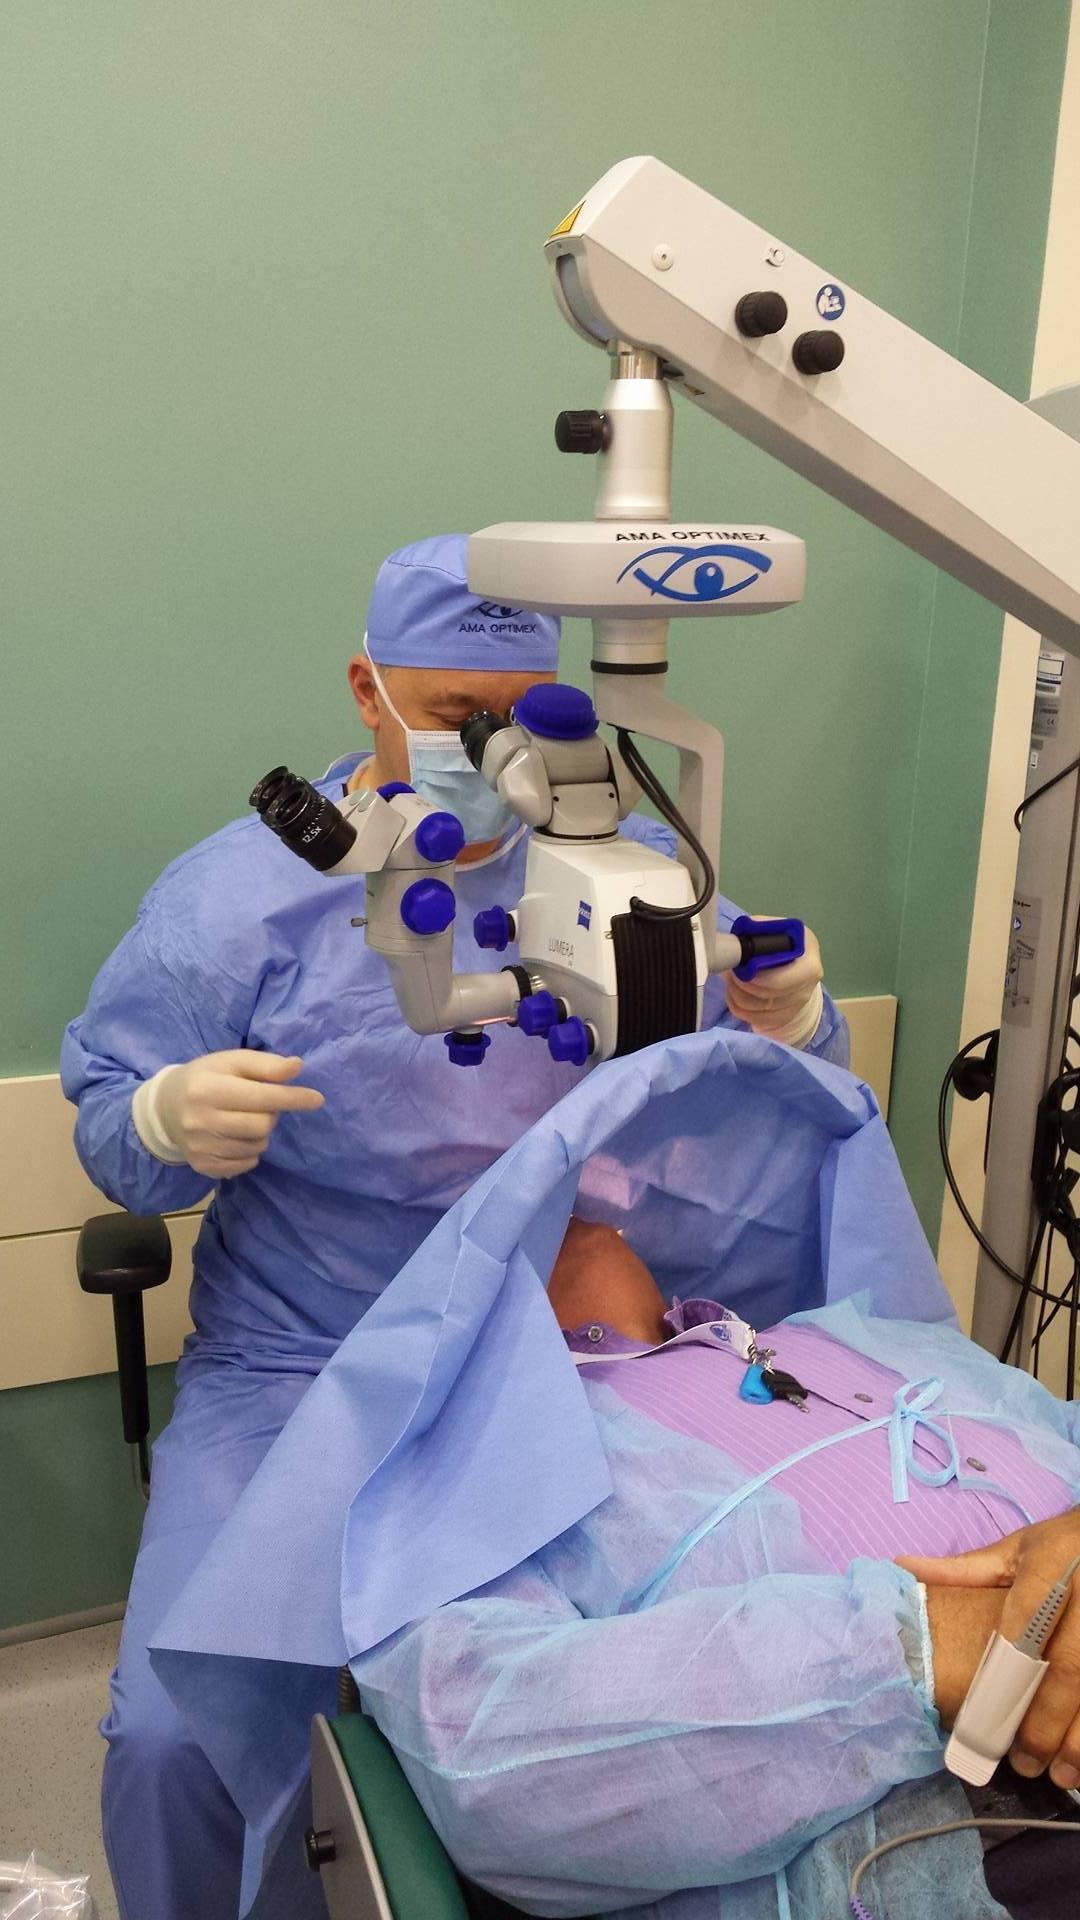 poate restabili vederea după operație